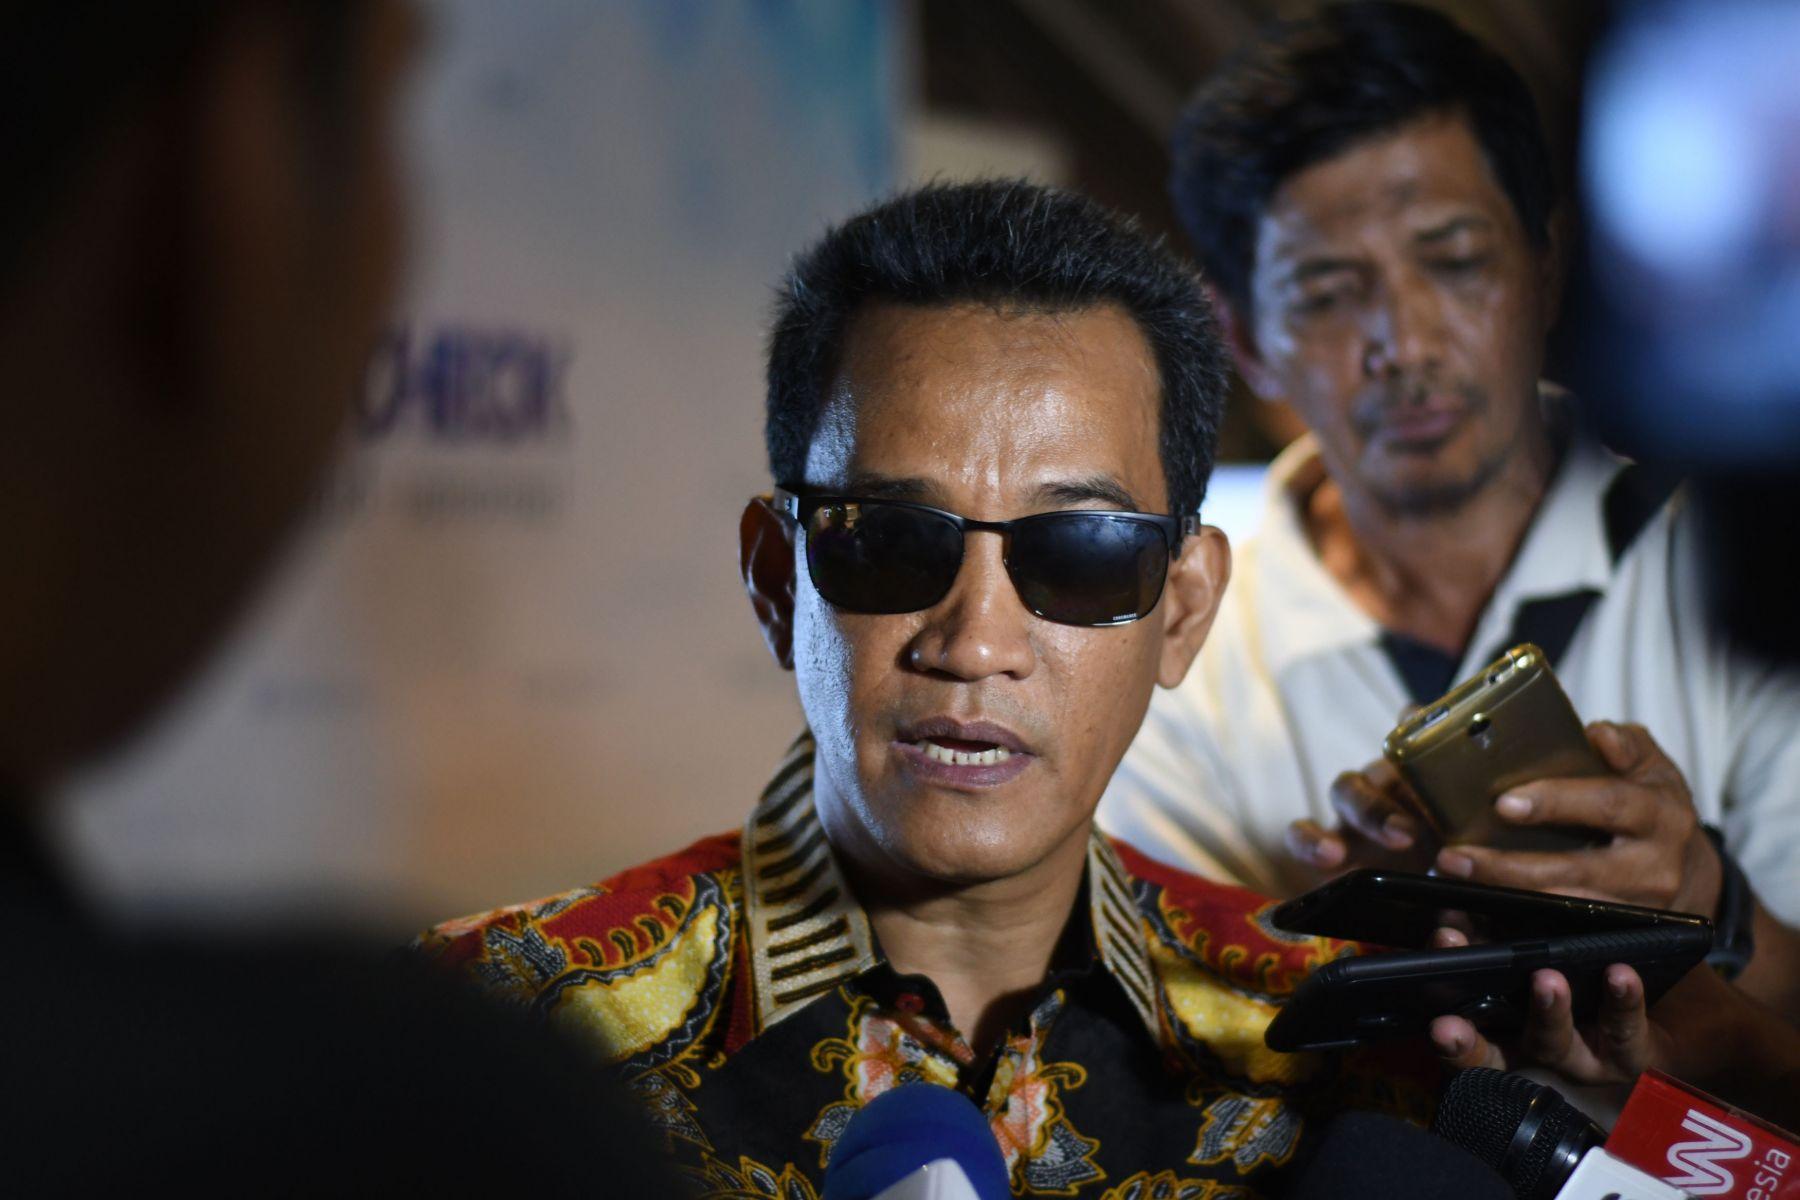 Sebut BEM SI Bakal Sulit untuk Berdemo, Refly Harun: Unjuk Rasa adalah 'Barang Haram' di Rezim Sekarang!